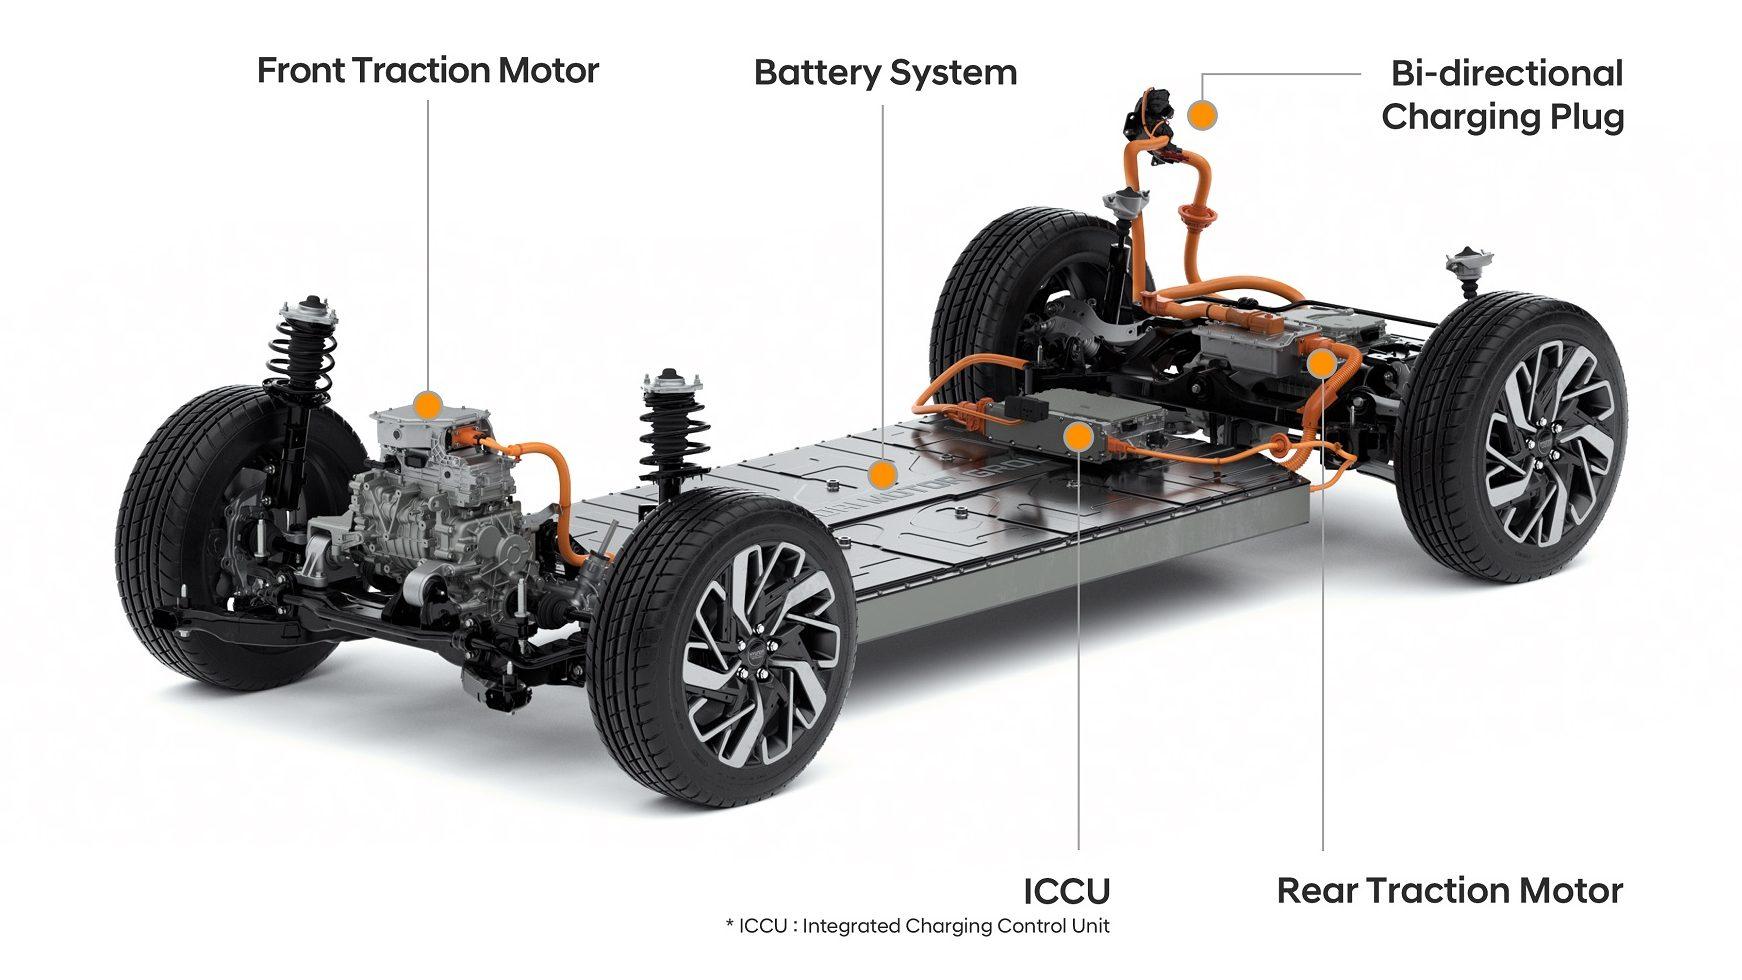 Visão geral do chassi com destaque aos dois motores próximos ao solo. Intenção é melhorar a dirigibilidade e aproveitar espaço